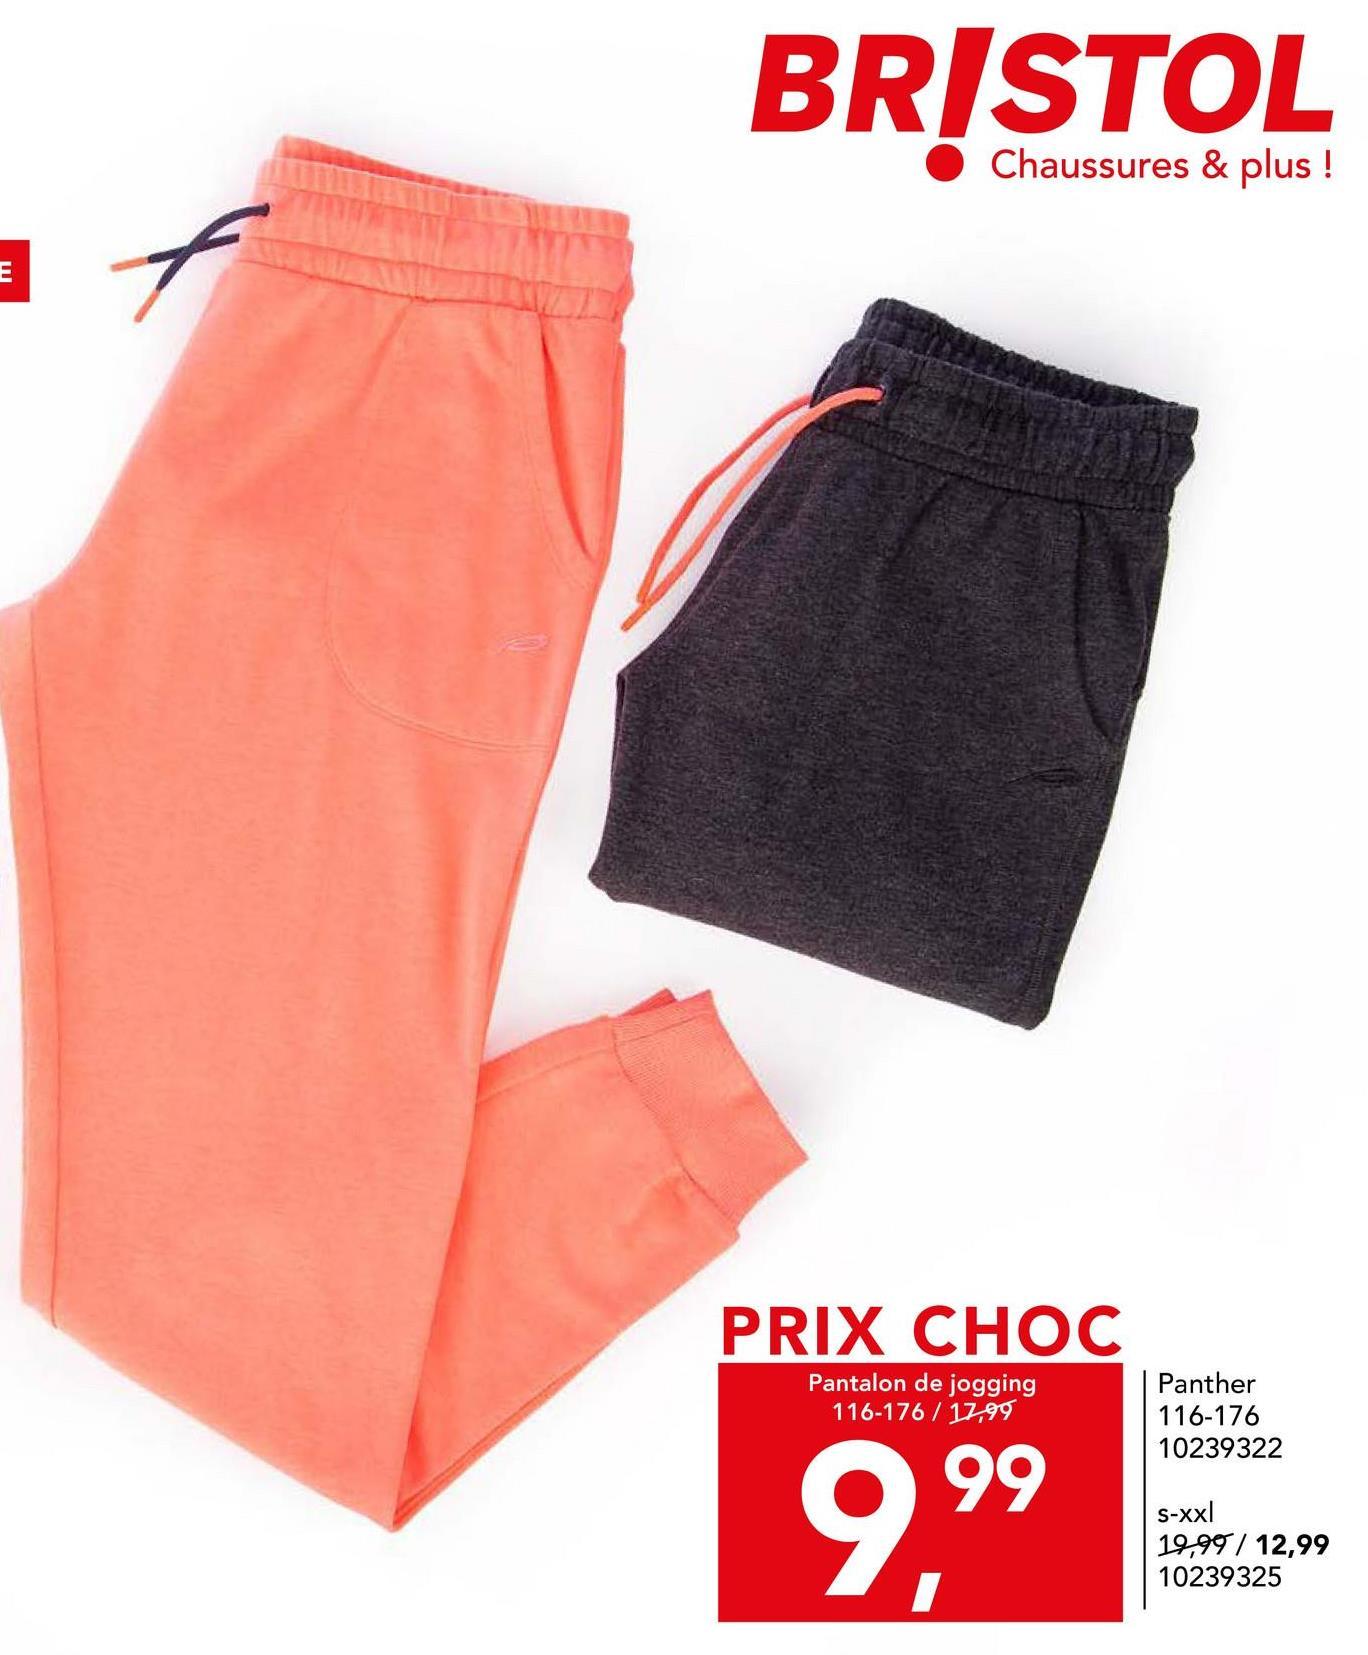 BRISTOL Chaussures & plus ! E PRIX CHOC Pantalon de jogging 116-176 / 17.99 Panther 116-176 10239322 999 S-xxl 19,99 / 12,99 10239325